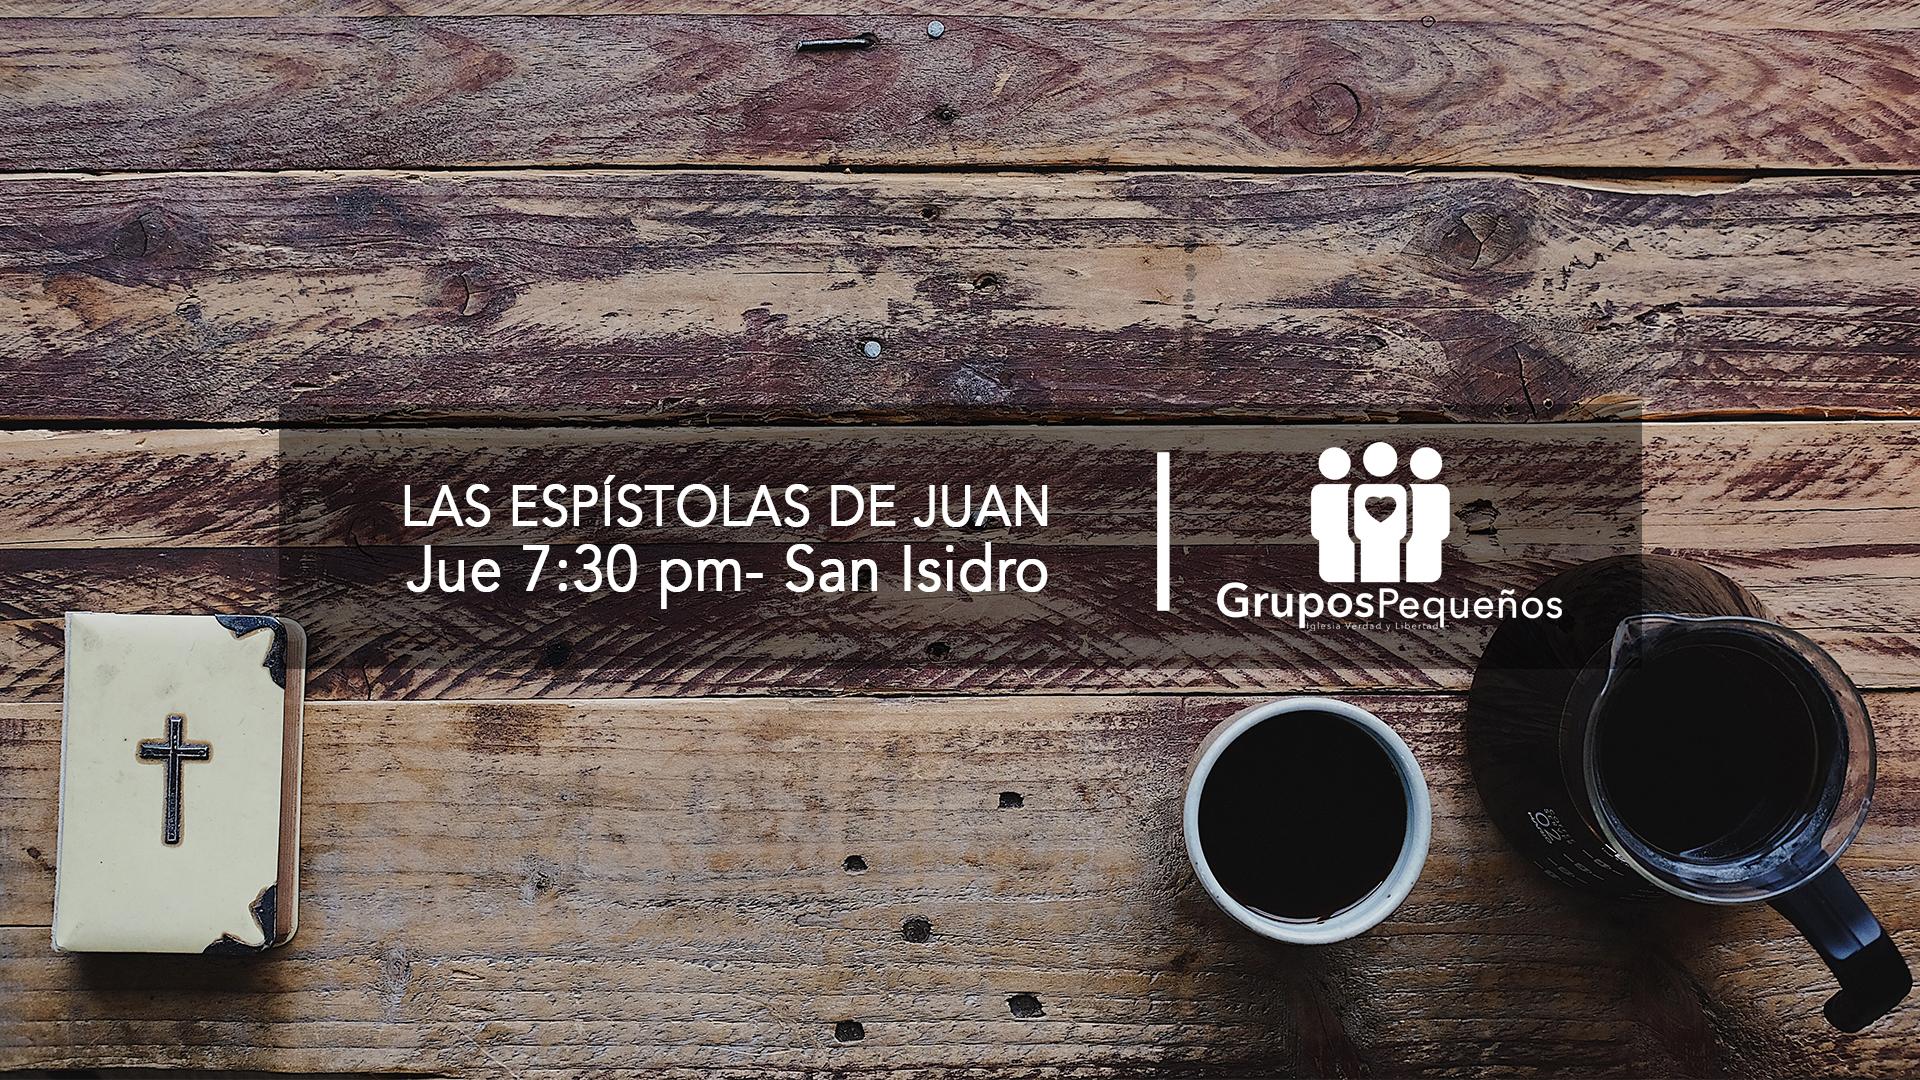 Las Epístolas de Juan